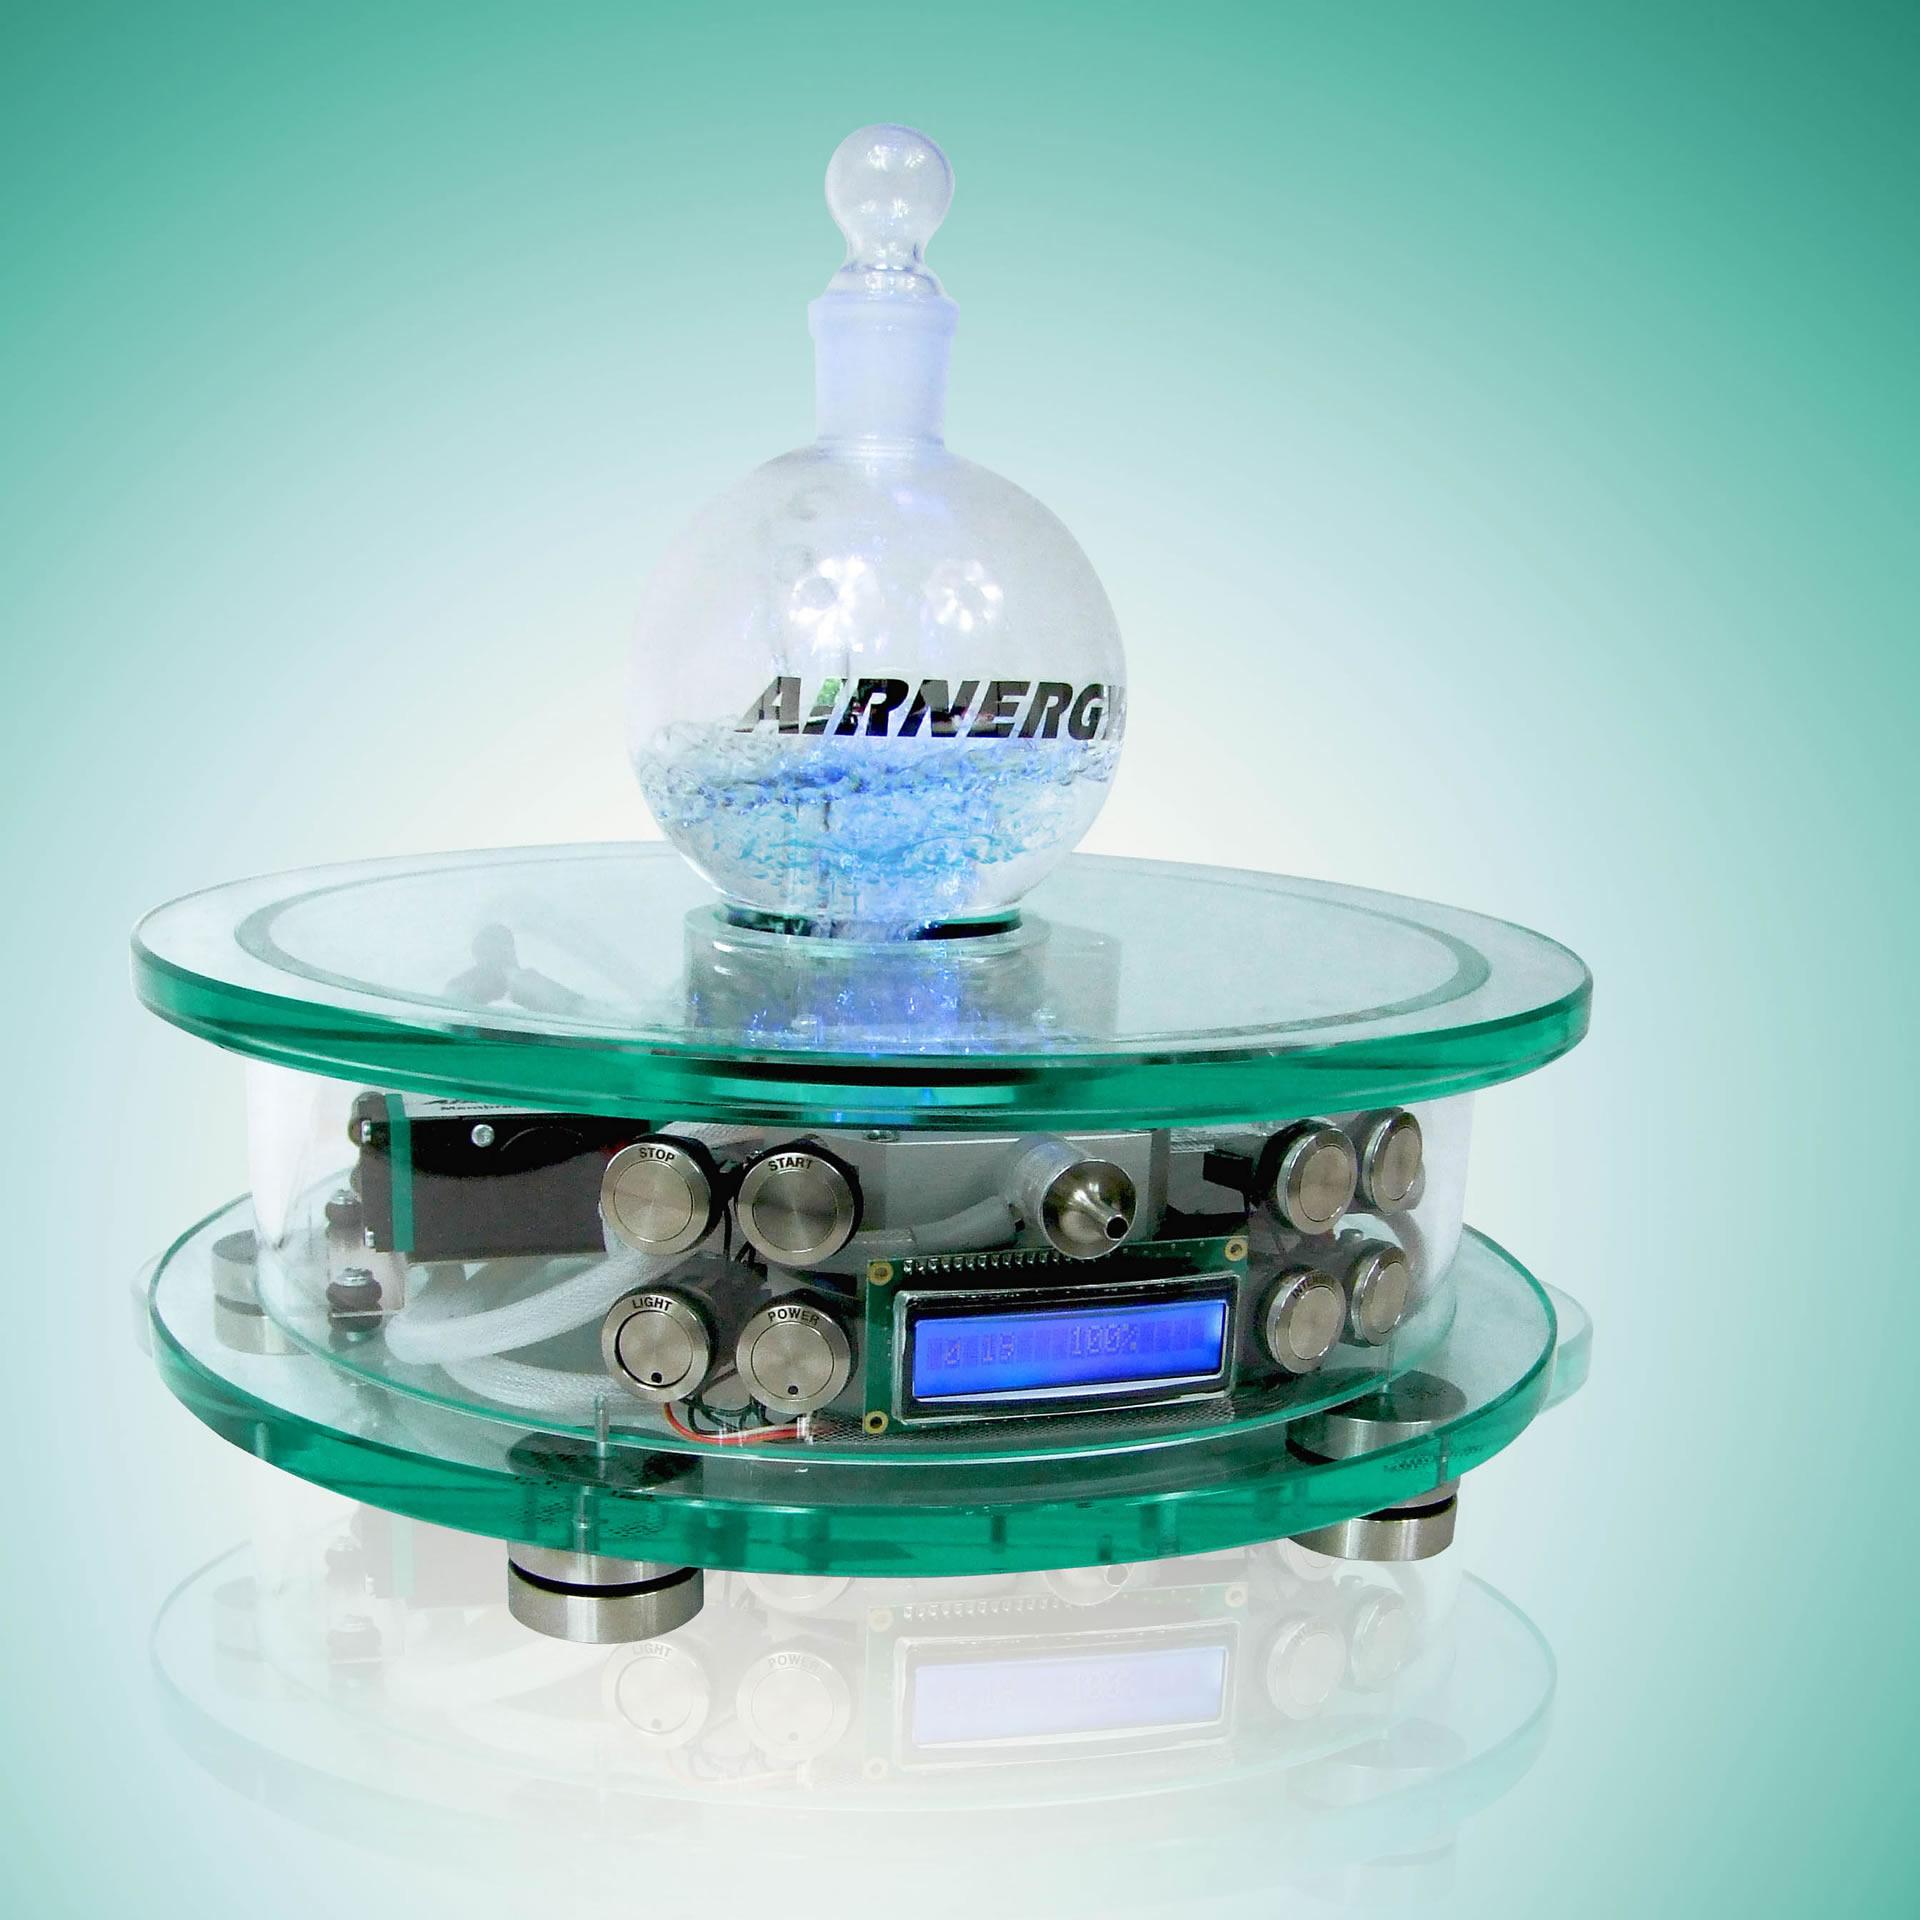 Oxigenoterapia – un debate científico